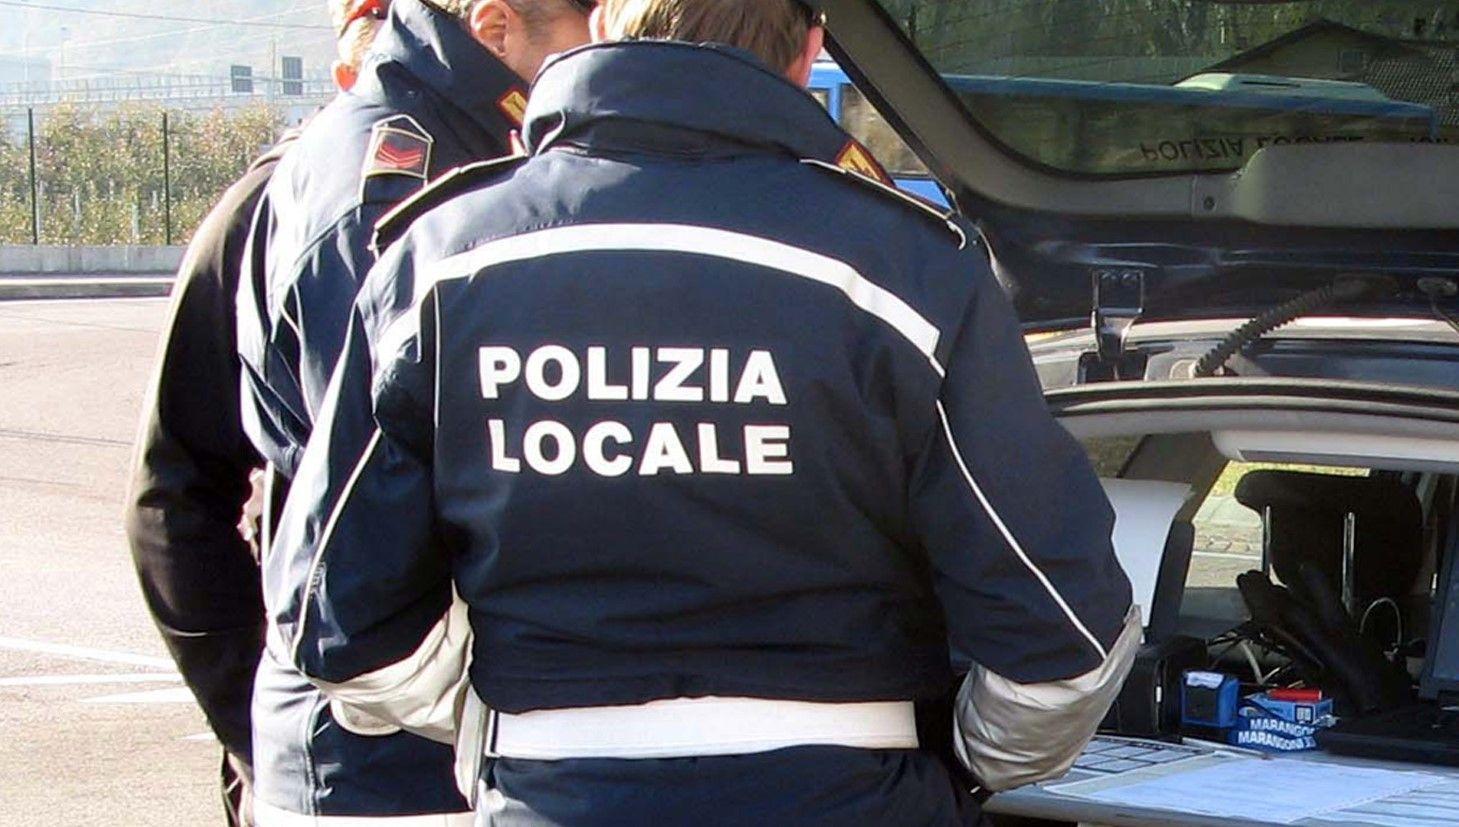 LEINI - Le pompe funebri erano abusive: 12 mila euro di multa e una denuncia per il titolare